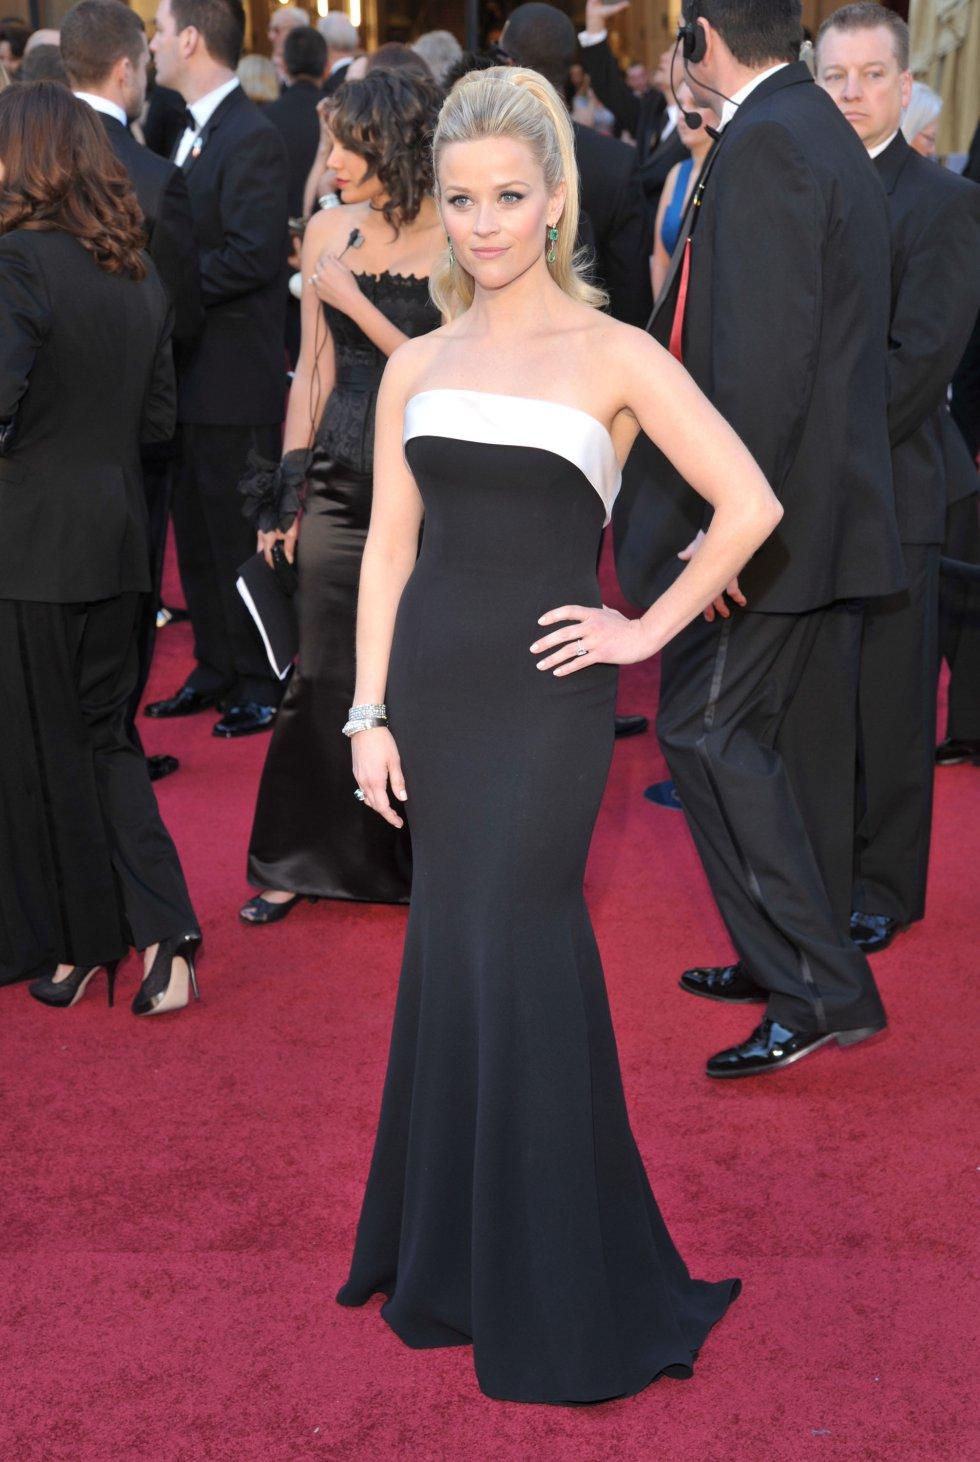 La actriz y productora Reese Witherspoon en 2011 con un increíble diseño de Armani en negro con una franja blanca en el escote.